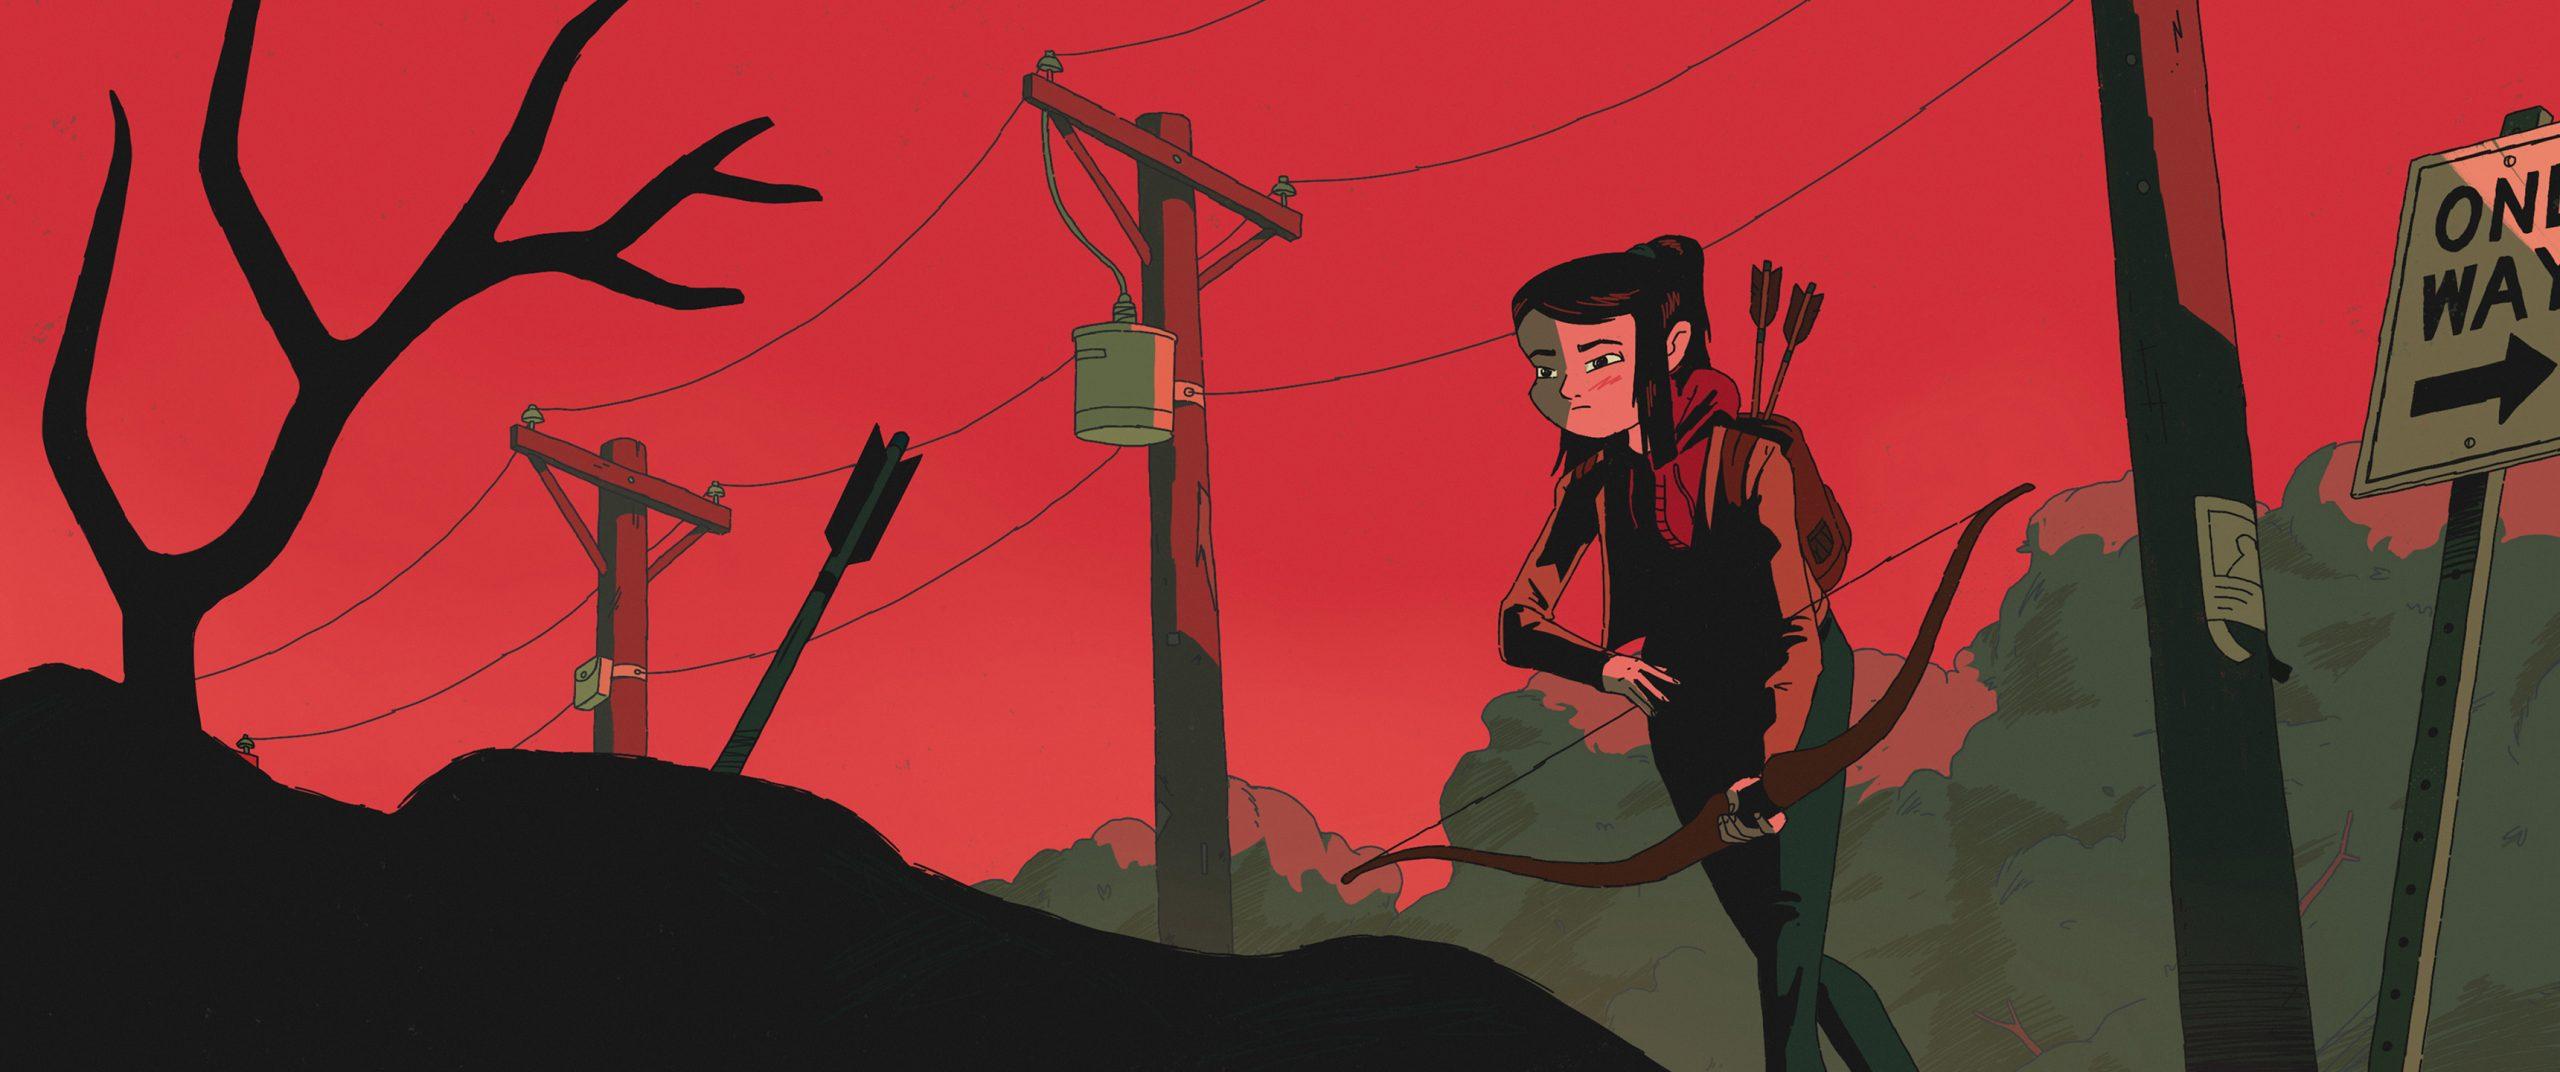 Арт: кадры из отменённого мультфильма повидеоигре The Last ofUs 9